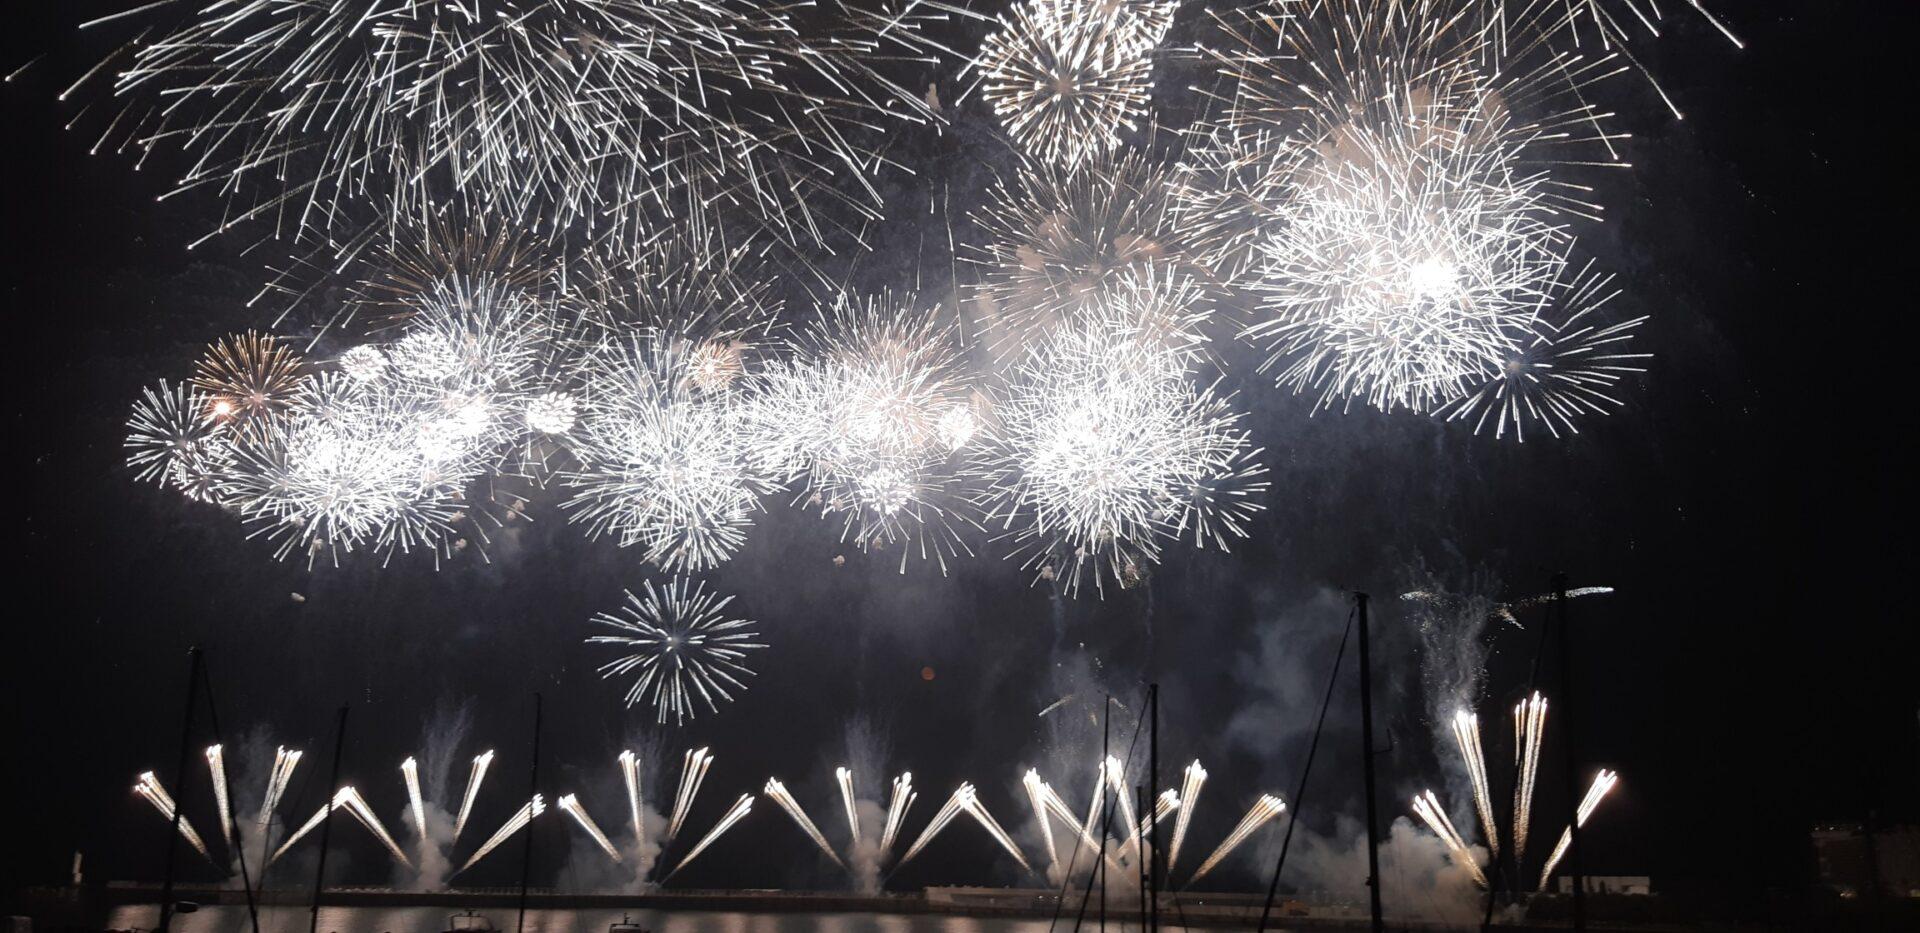 8月5日(水)熱海海上花火大会が開催されました。